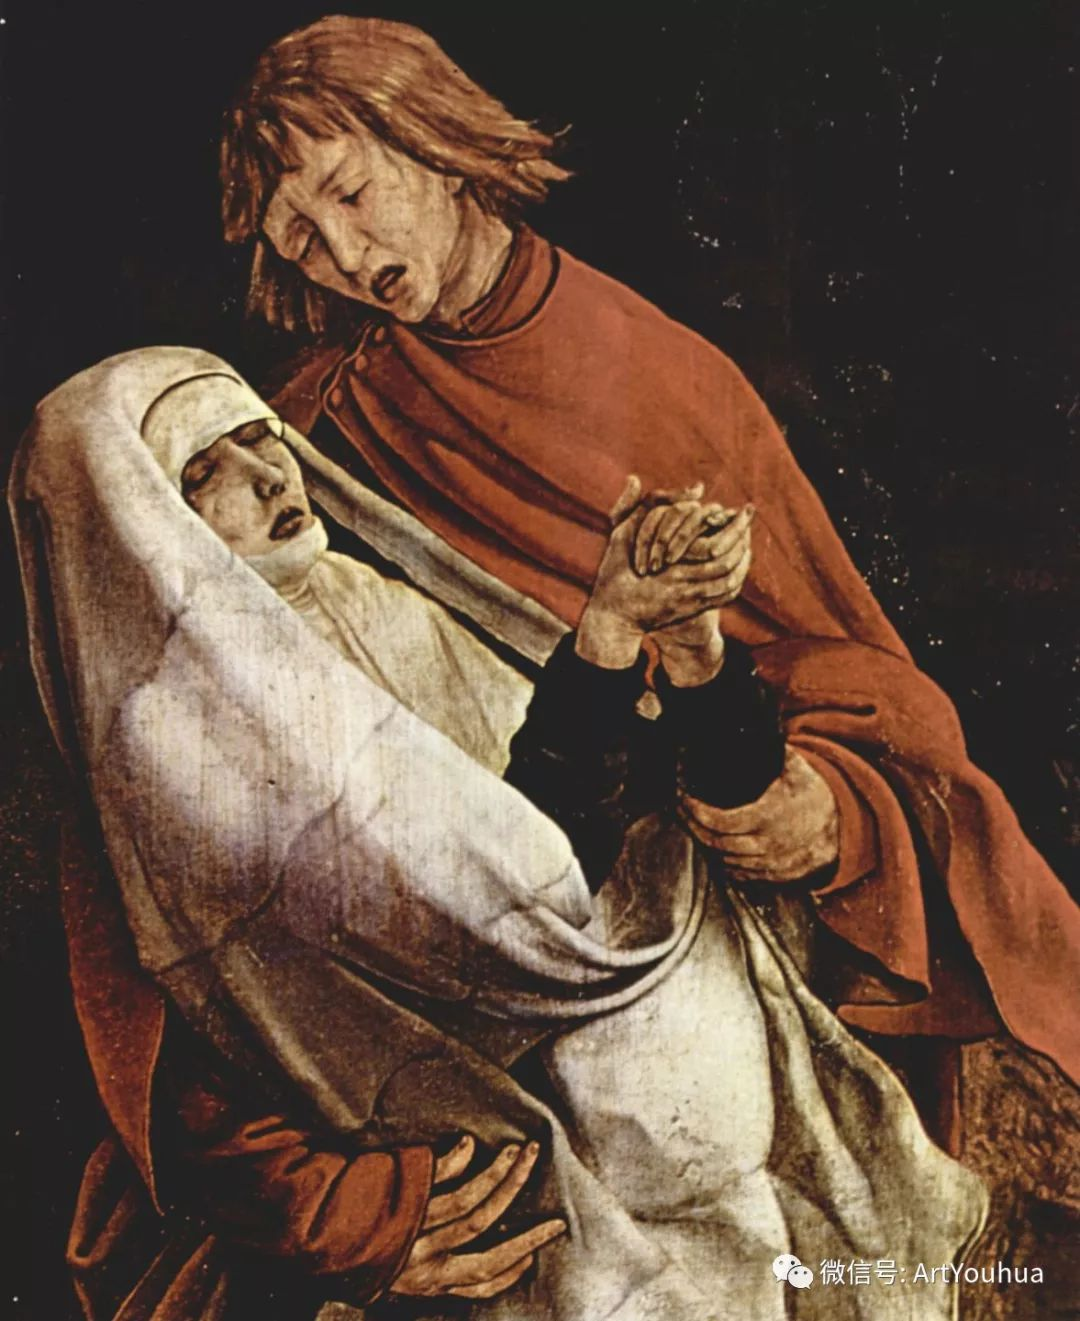 连载No.5 一生要知道的100位世界著名画家之格吕内瓦尔德插图123